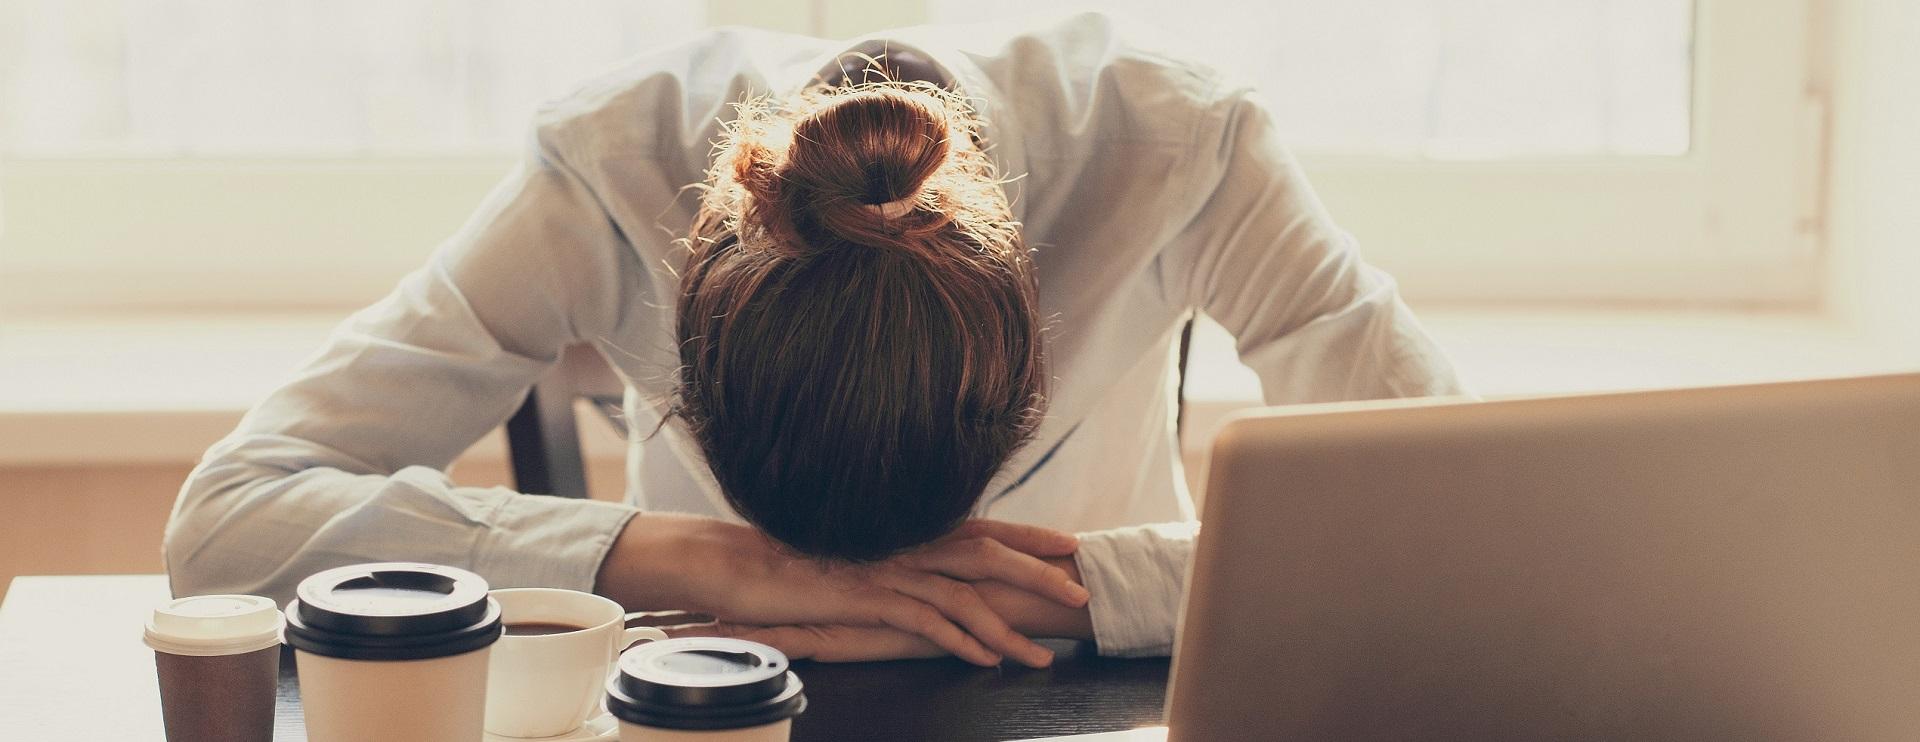 femme stressée et épuisée cherche une solution